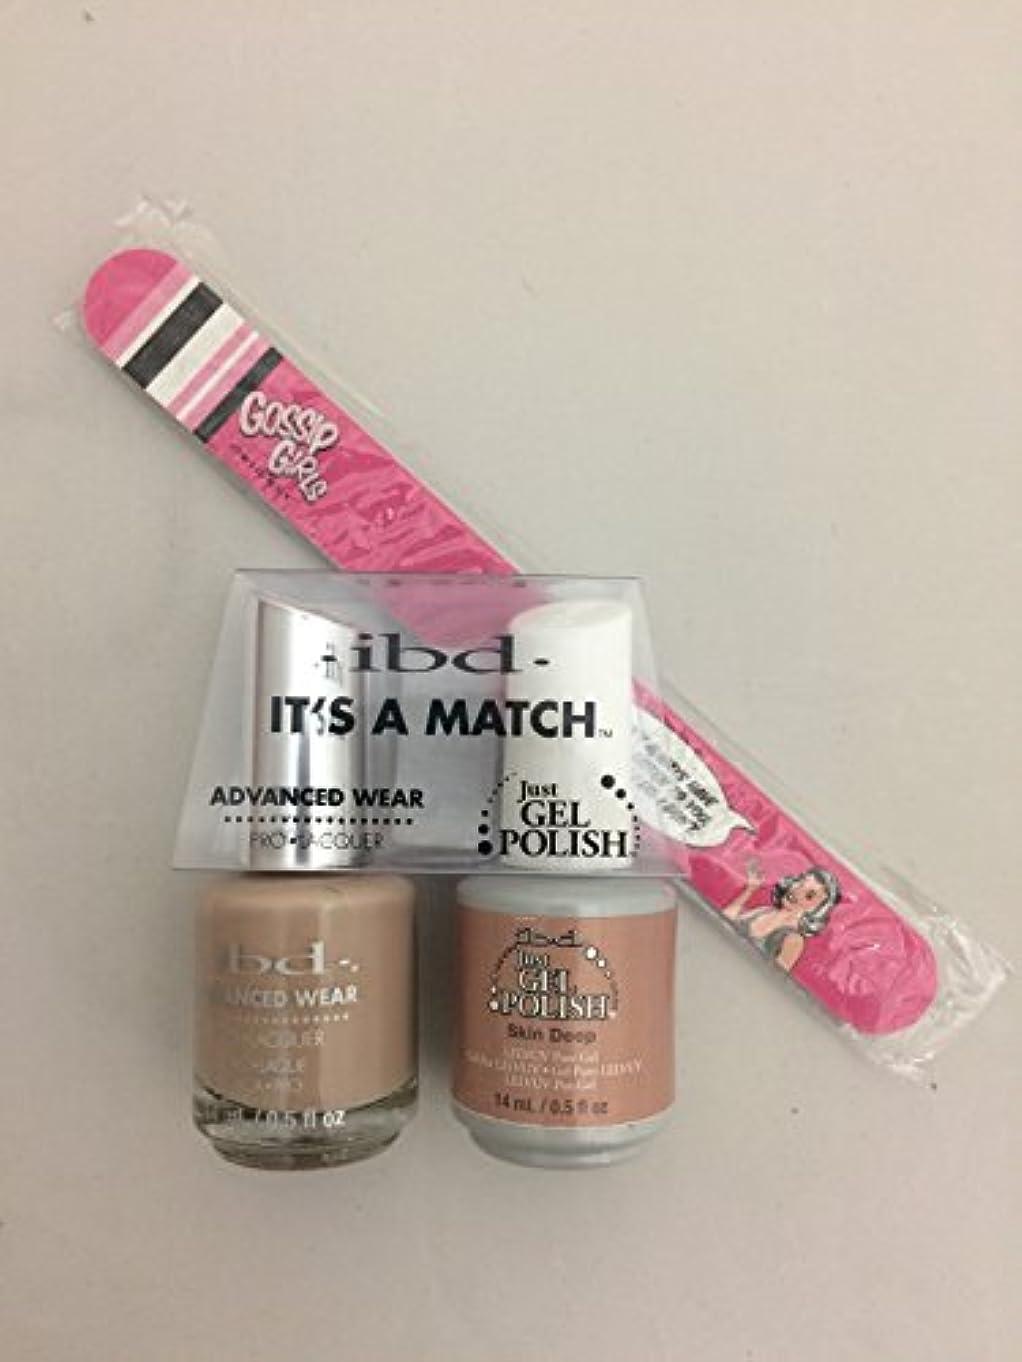 グレートオークくしゃみ草ibd - It's A Match -Duo Pack- Nude Collection - Skin Deep - 14 mL / 0.5 oz Each